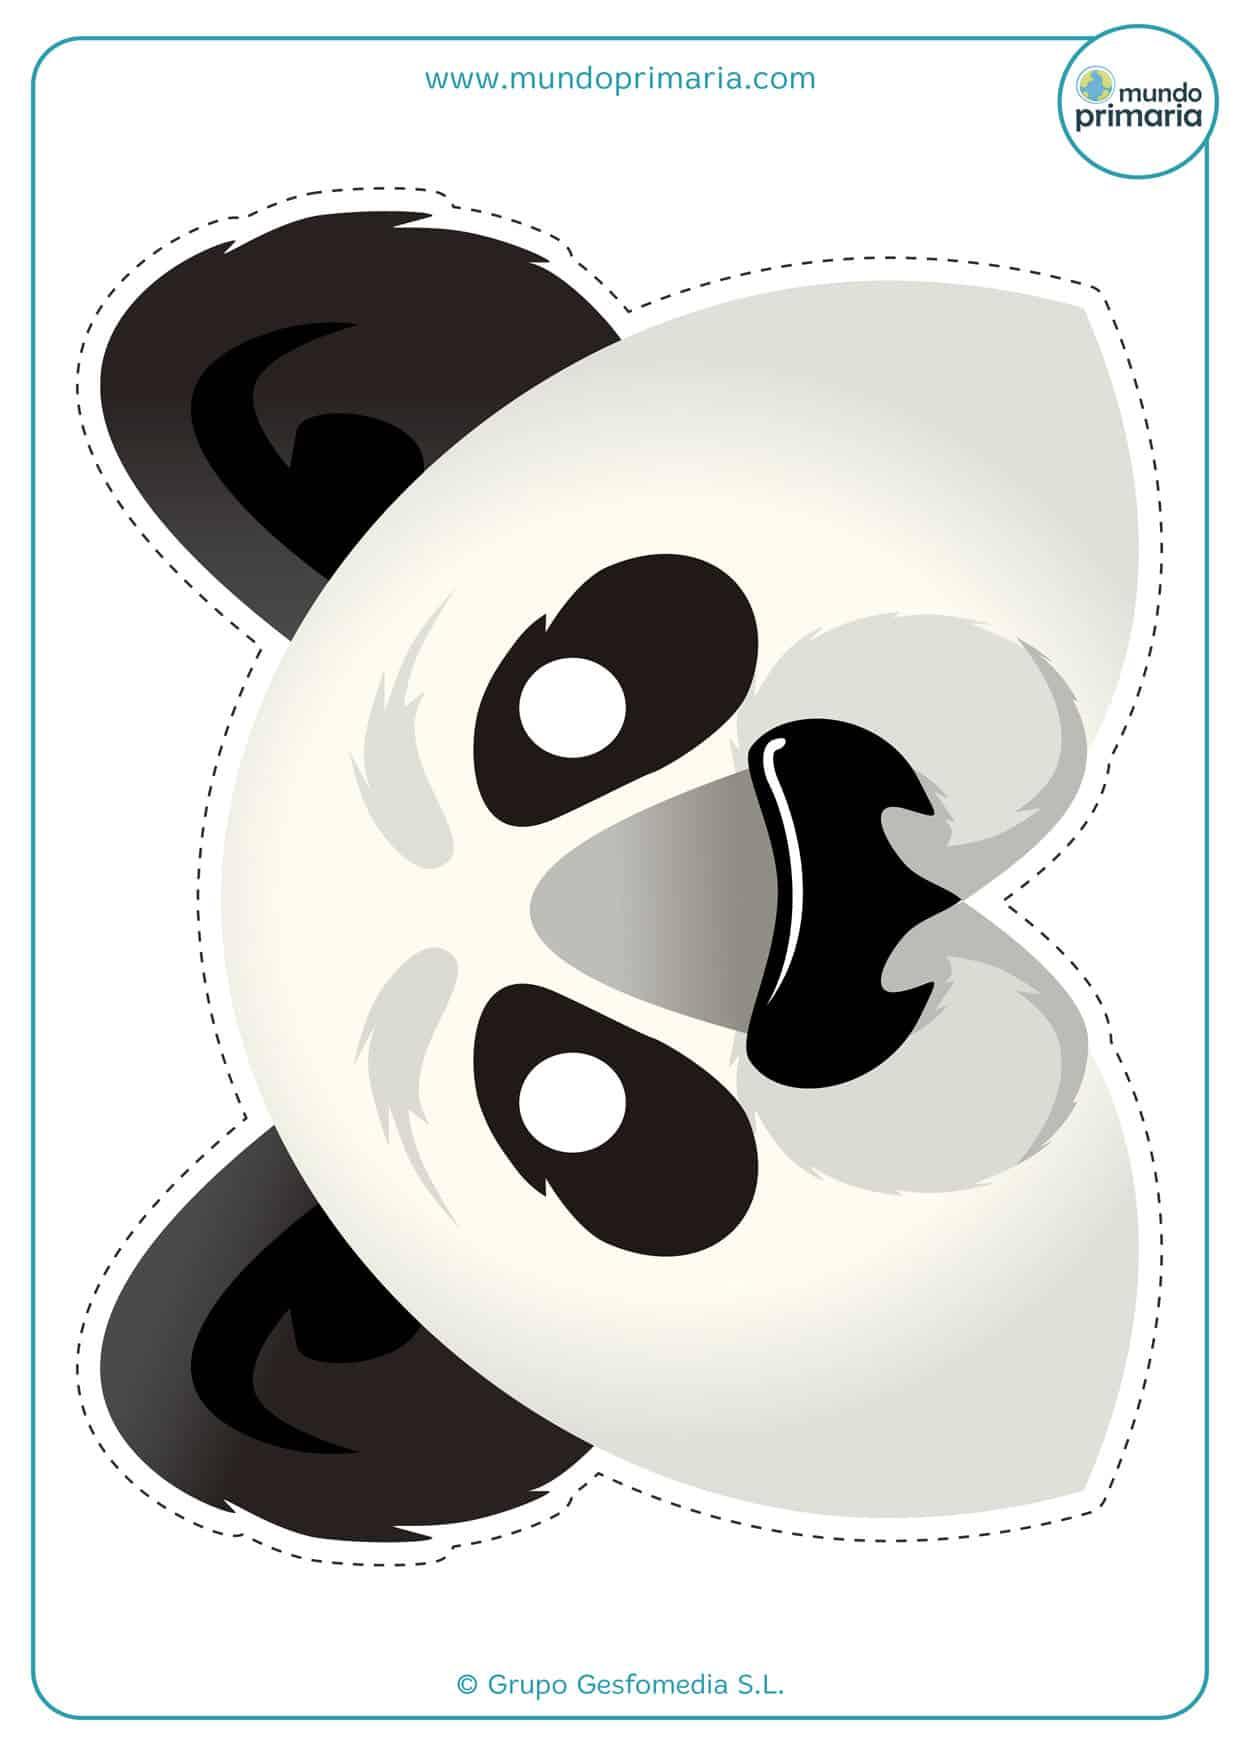 Careta de oso panda para imprimir y recortar